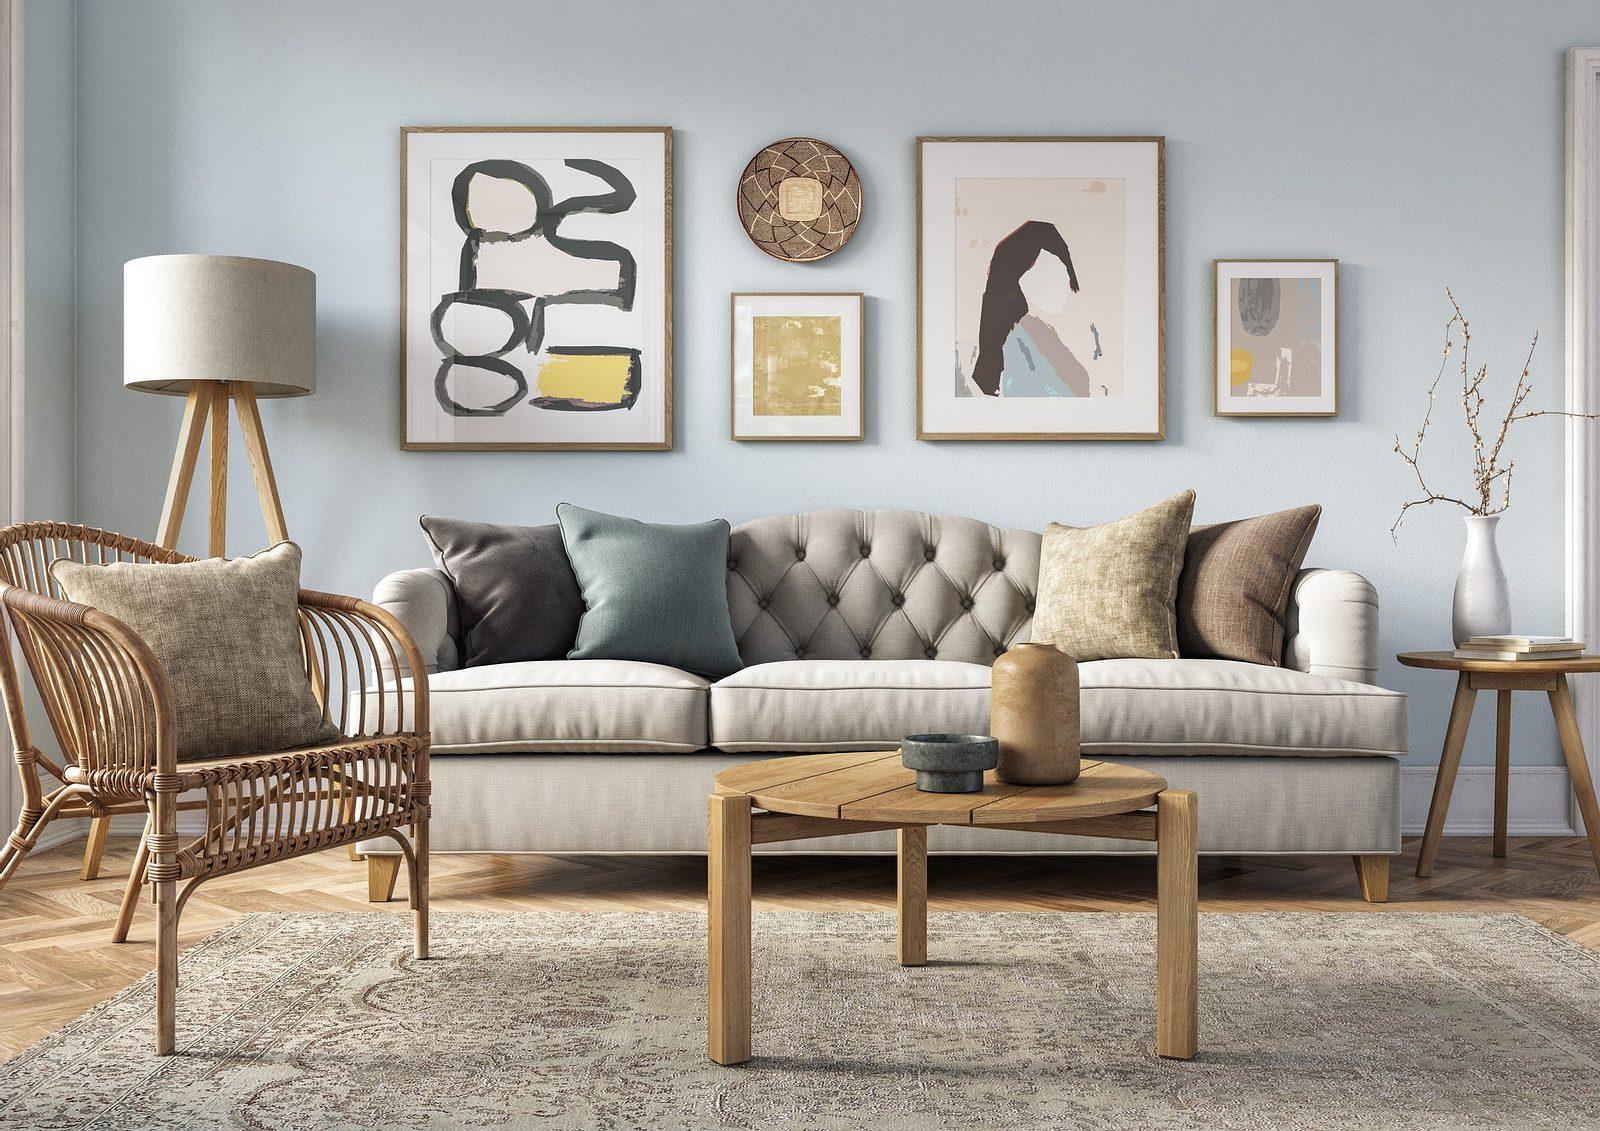 Wunderbare Wandgestaltung im Wohnzimmer Unsere Tipps   Wunderweib